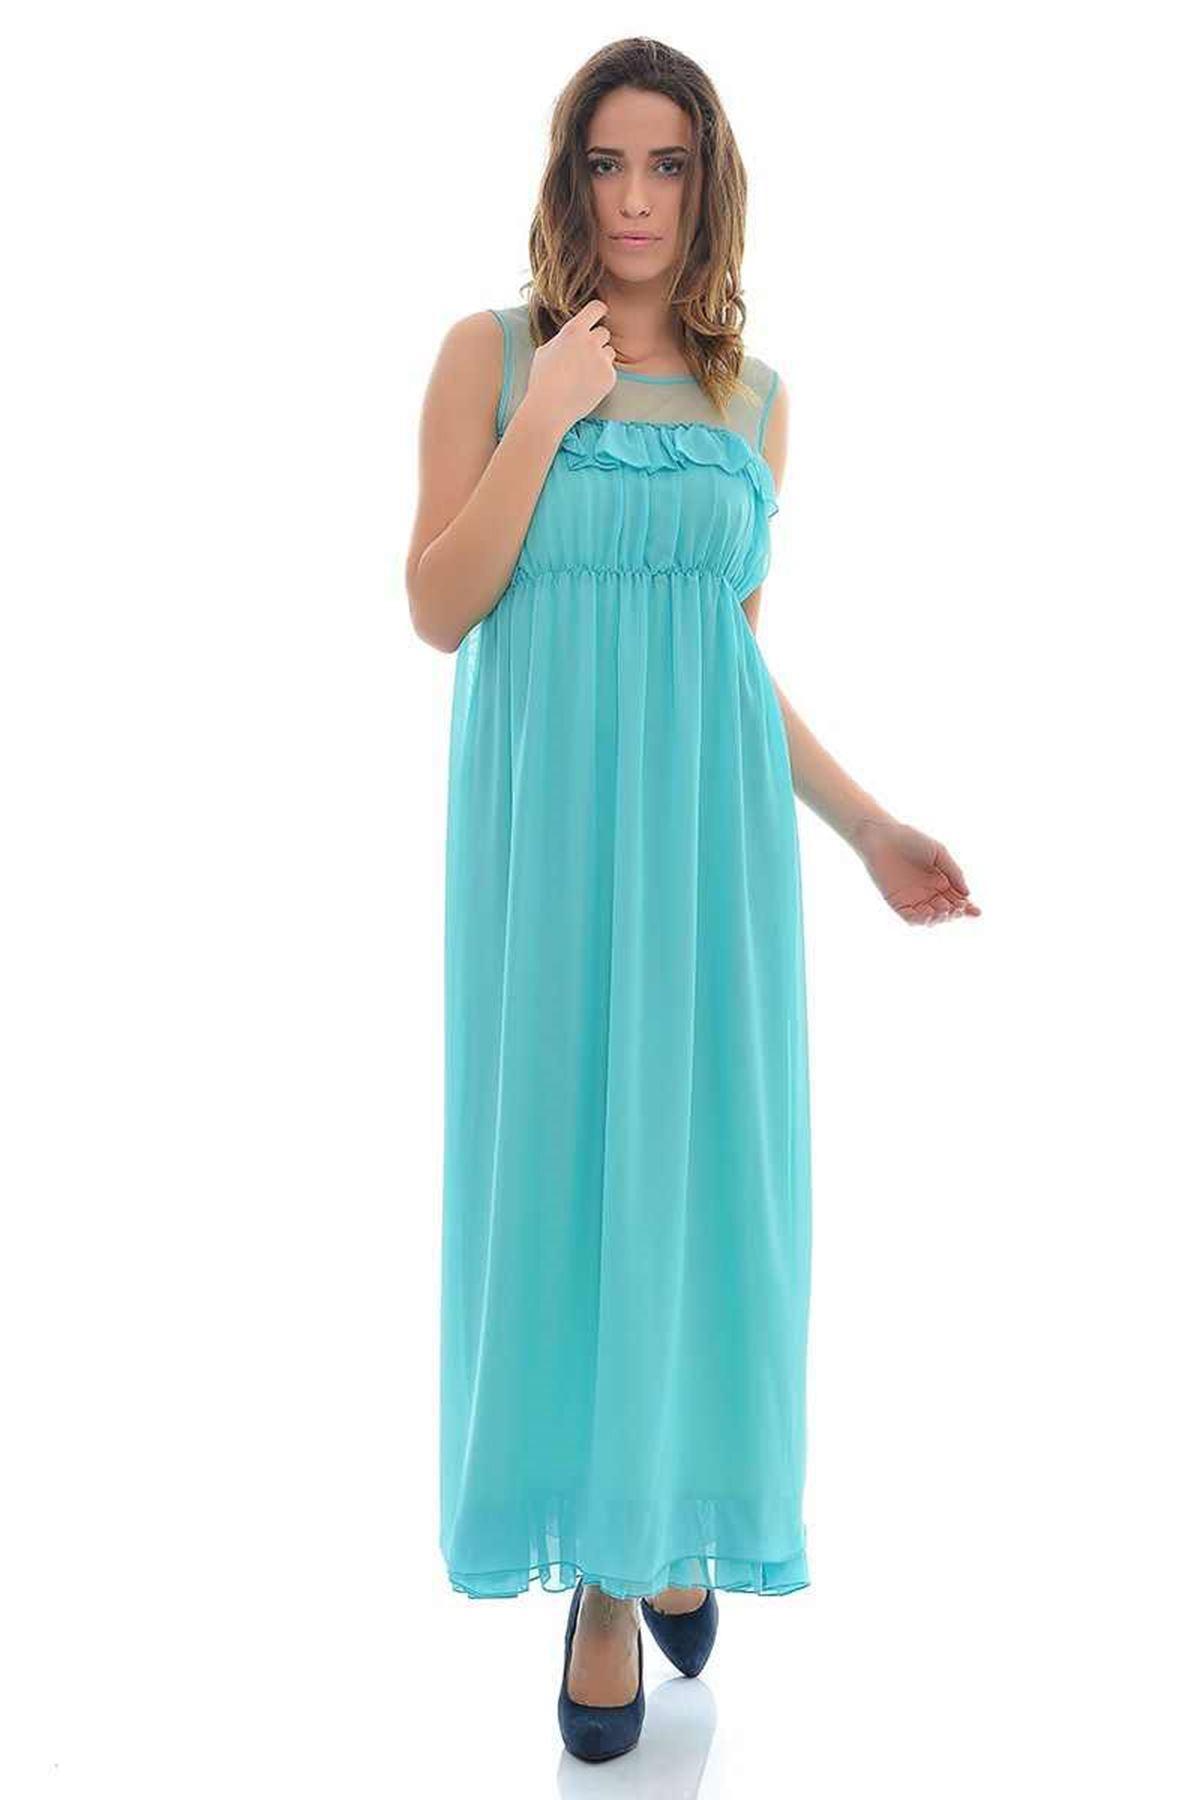 Turkuaz Tül Detaylı Fırfırlı  Elbise K2-112064